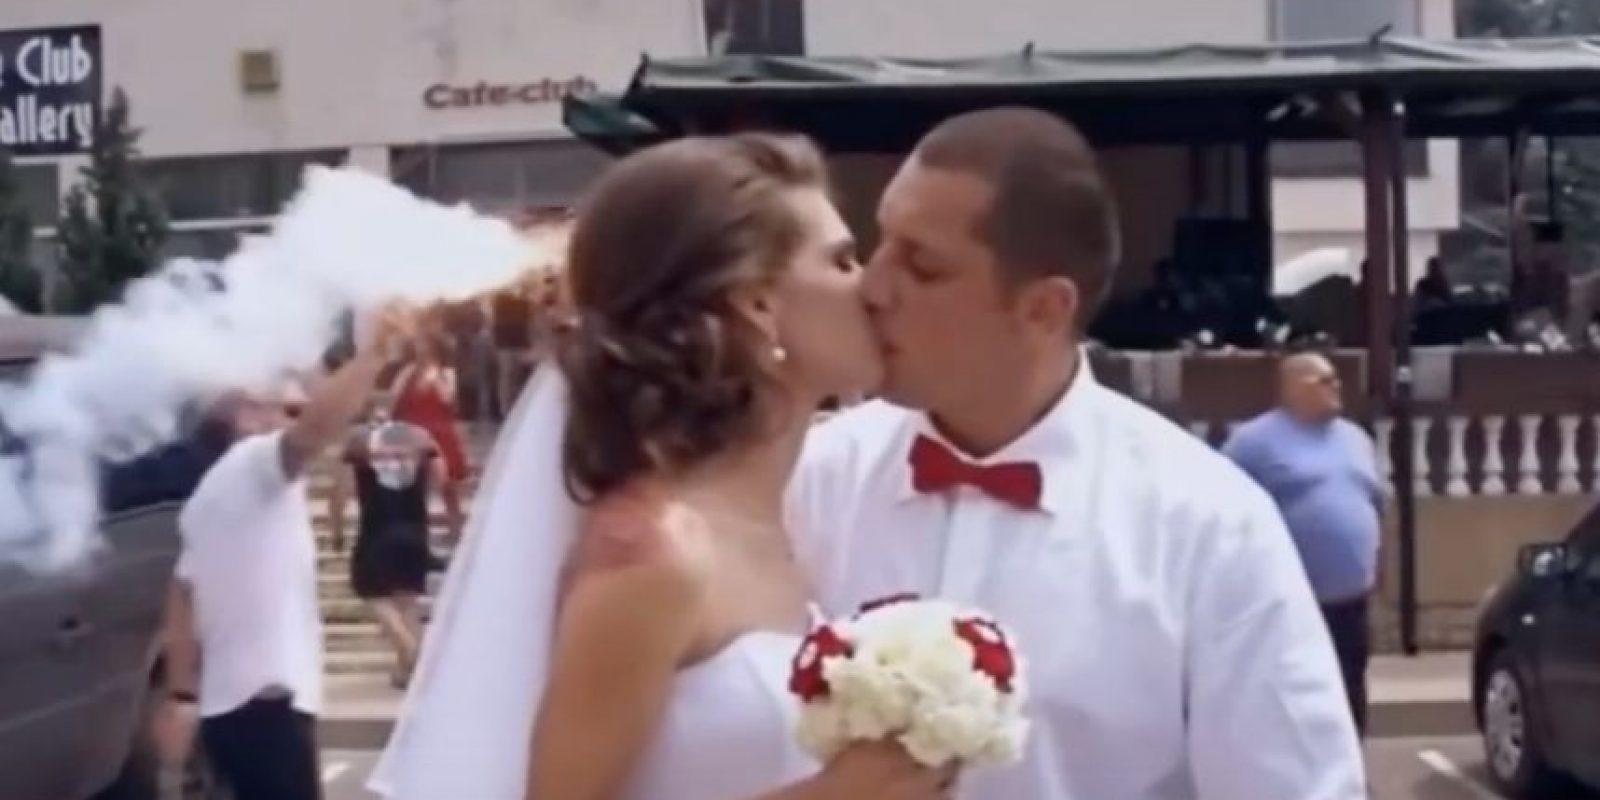 La pareja celebró su unión en torno a bengalas, cánticos y lienzos Foto:Captura de pantalla